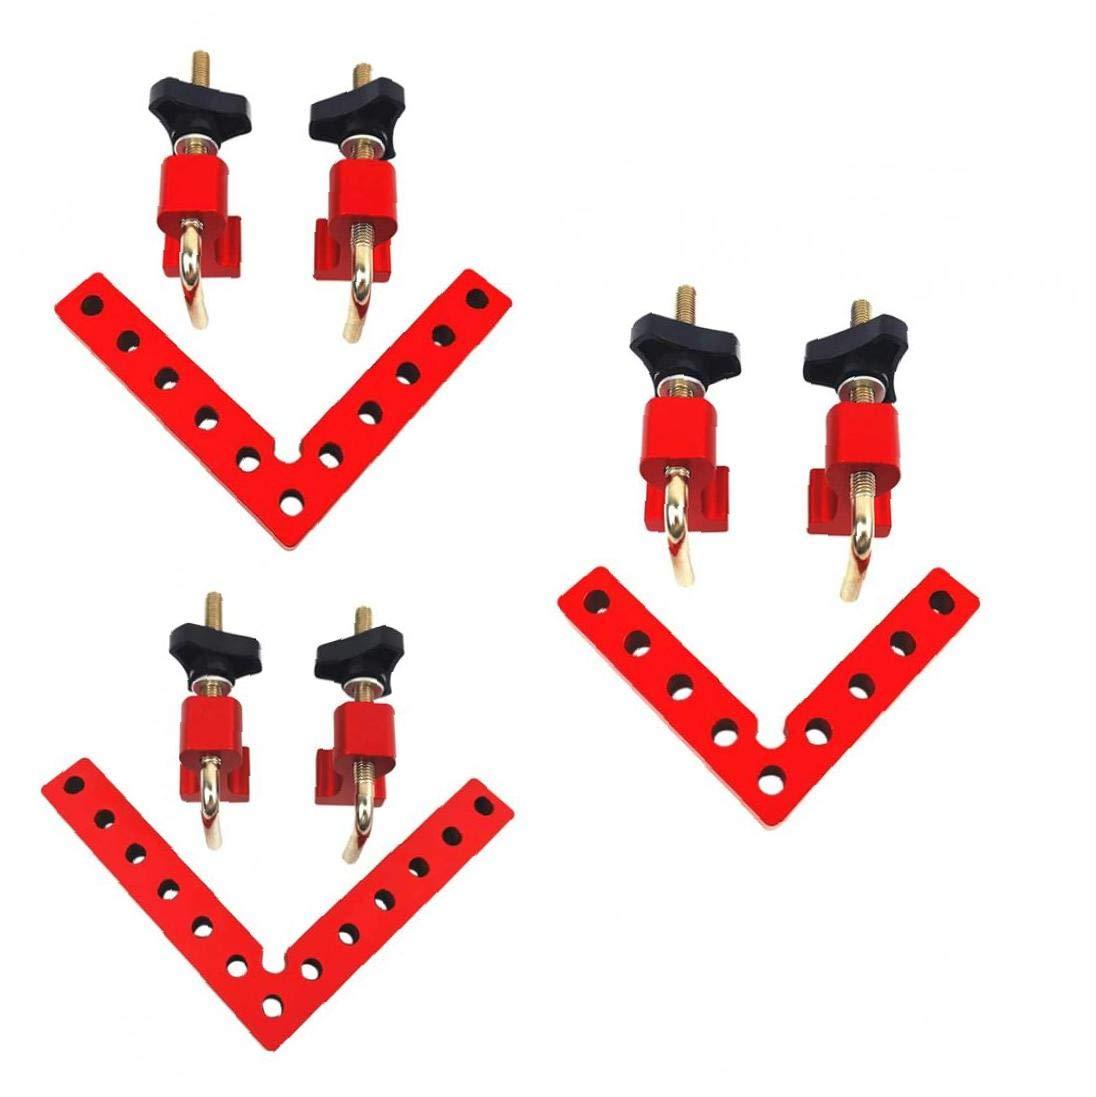 Positionierung Squares Frames 90 /° rechtwinklig Clamp Eckzwingen zur Holzspannwerkzeug 100mm Red Industrielle Hardware